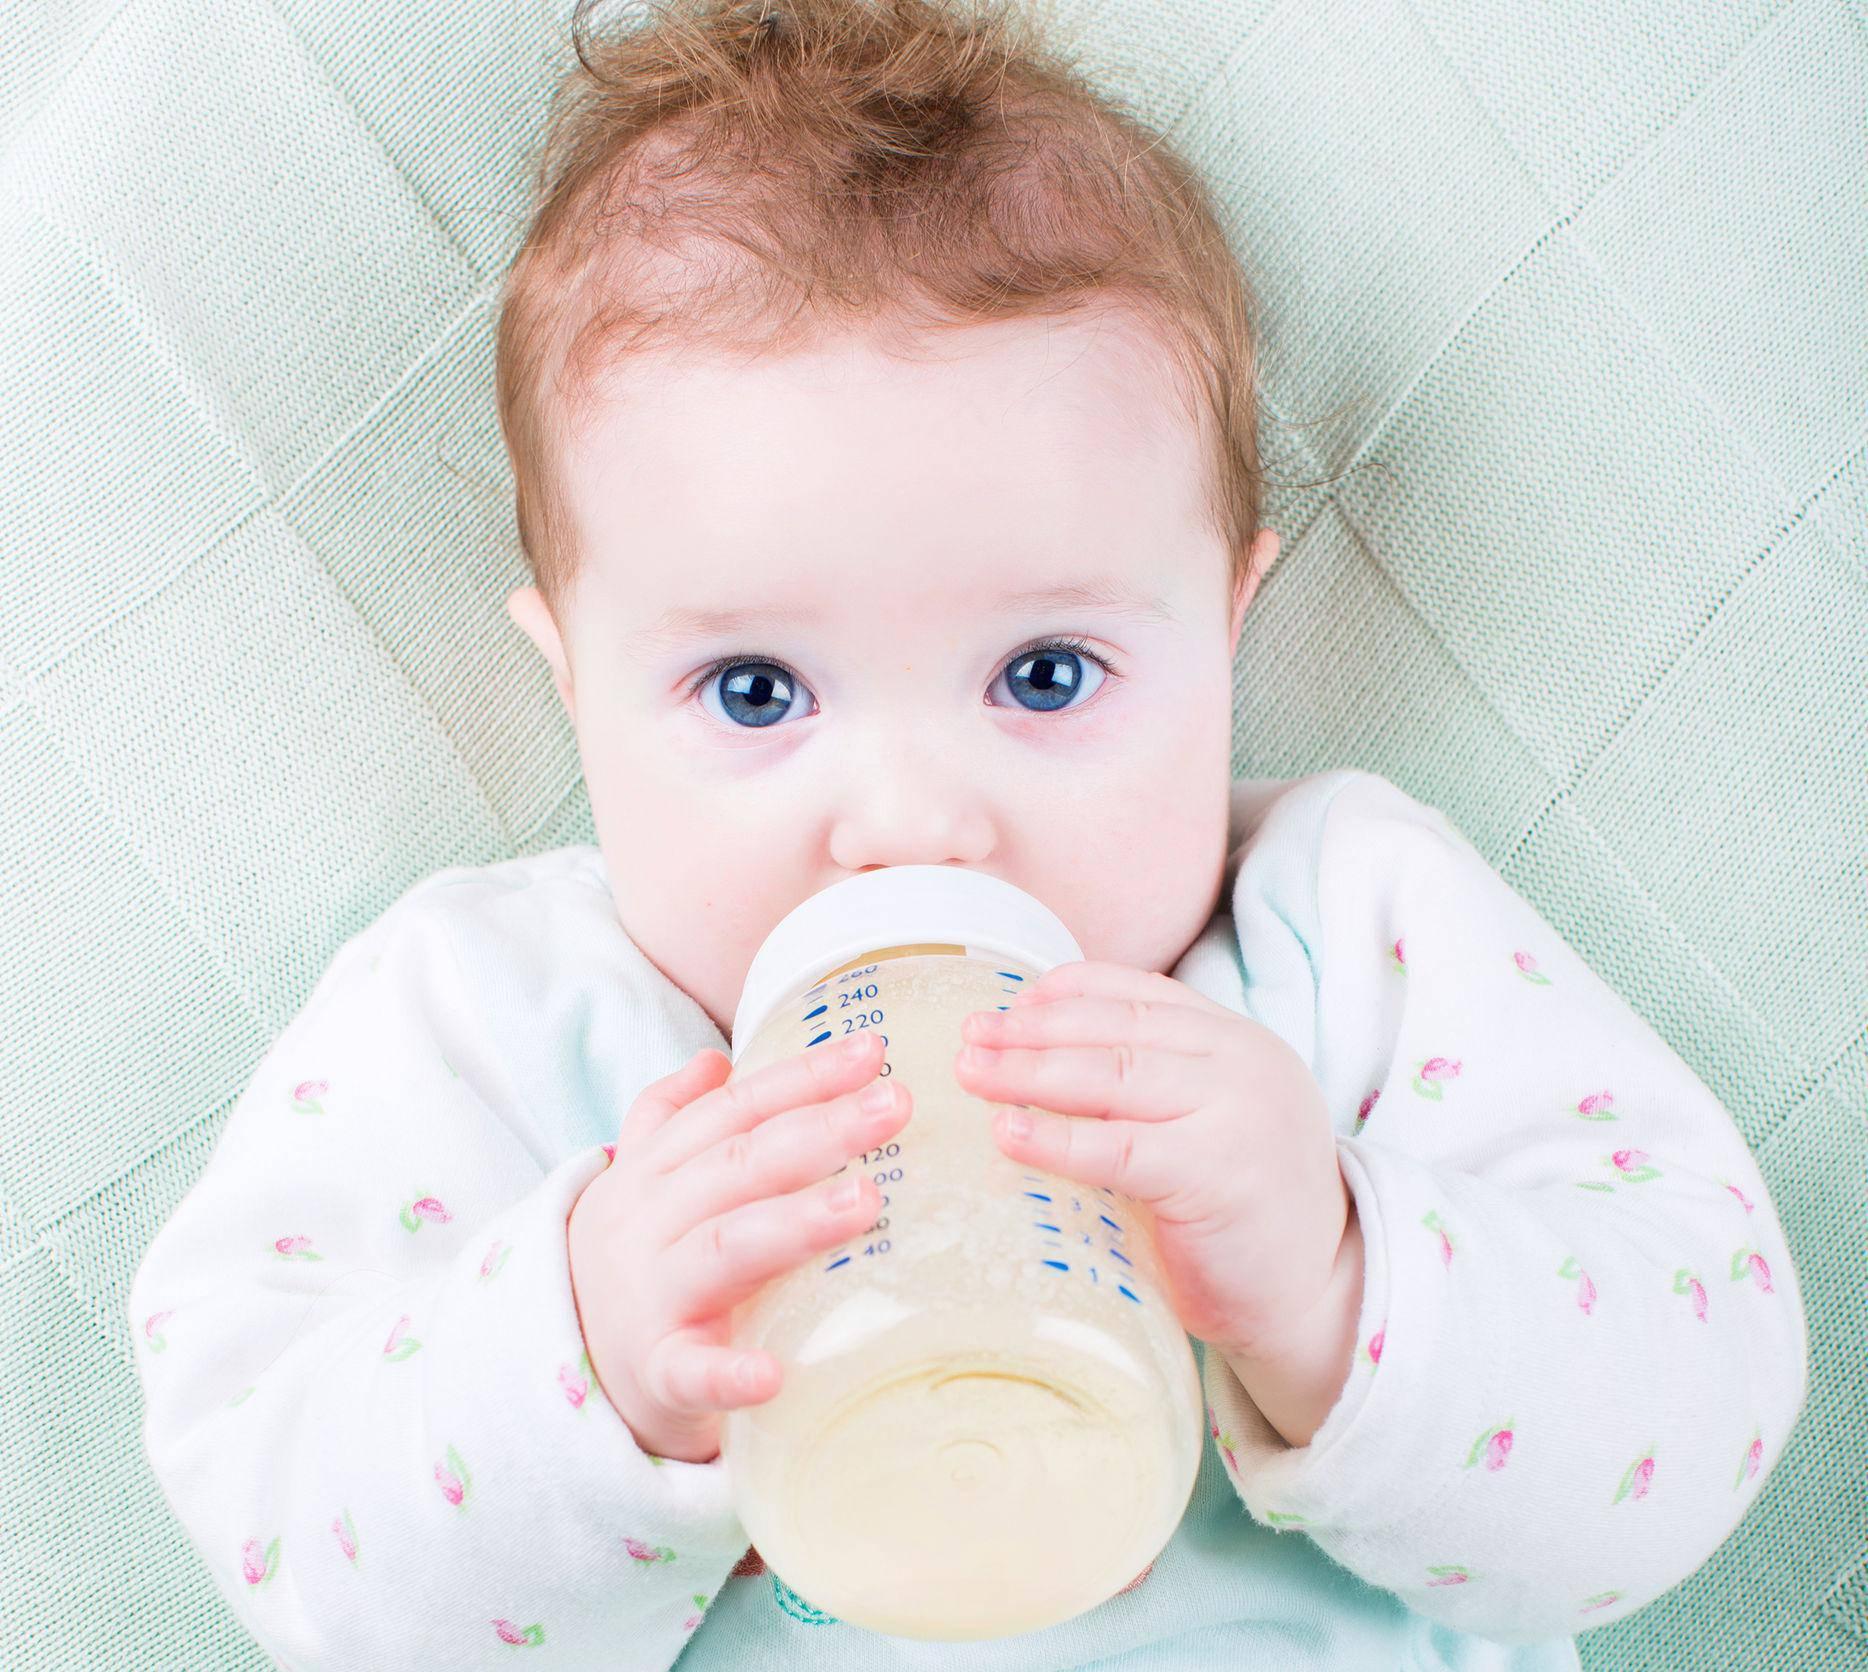 Djeci do šestog mjeseca uopće ne treba nuditi vodu ni napitke